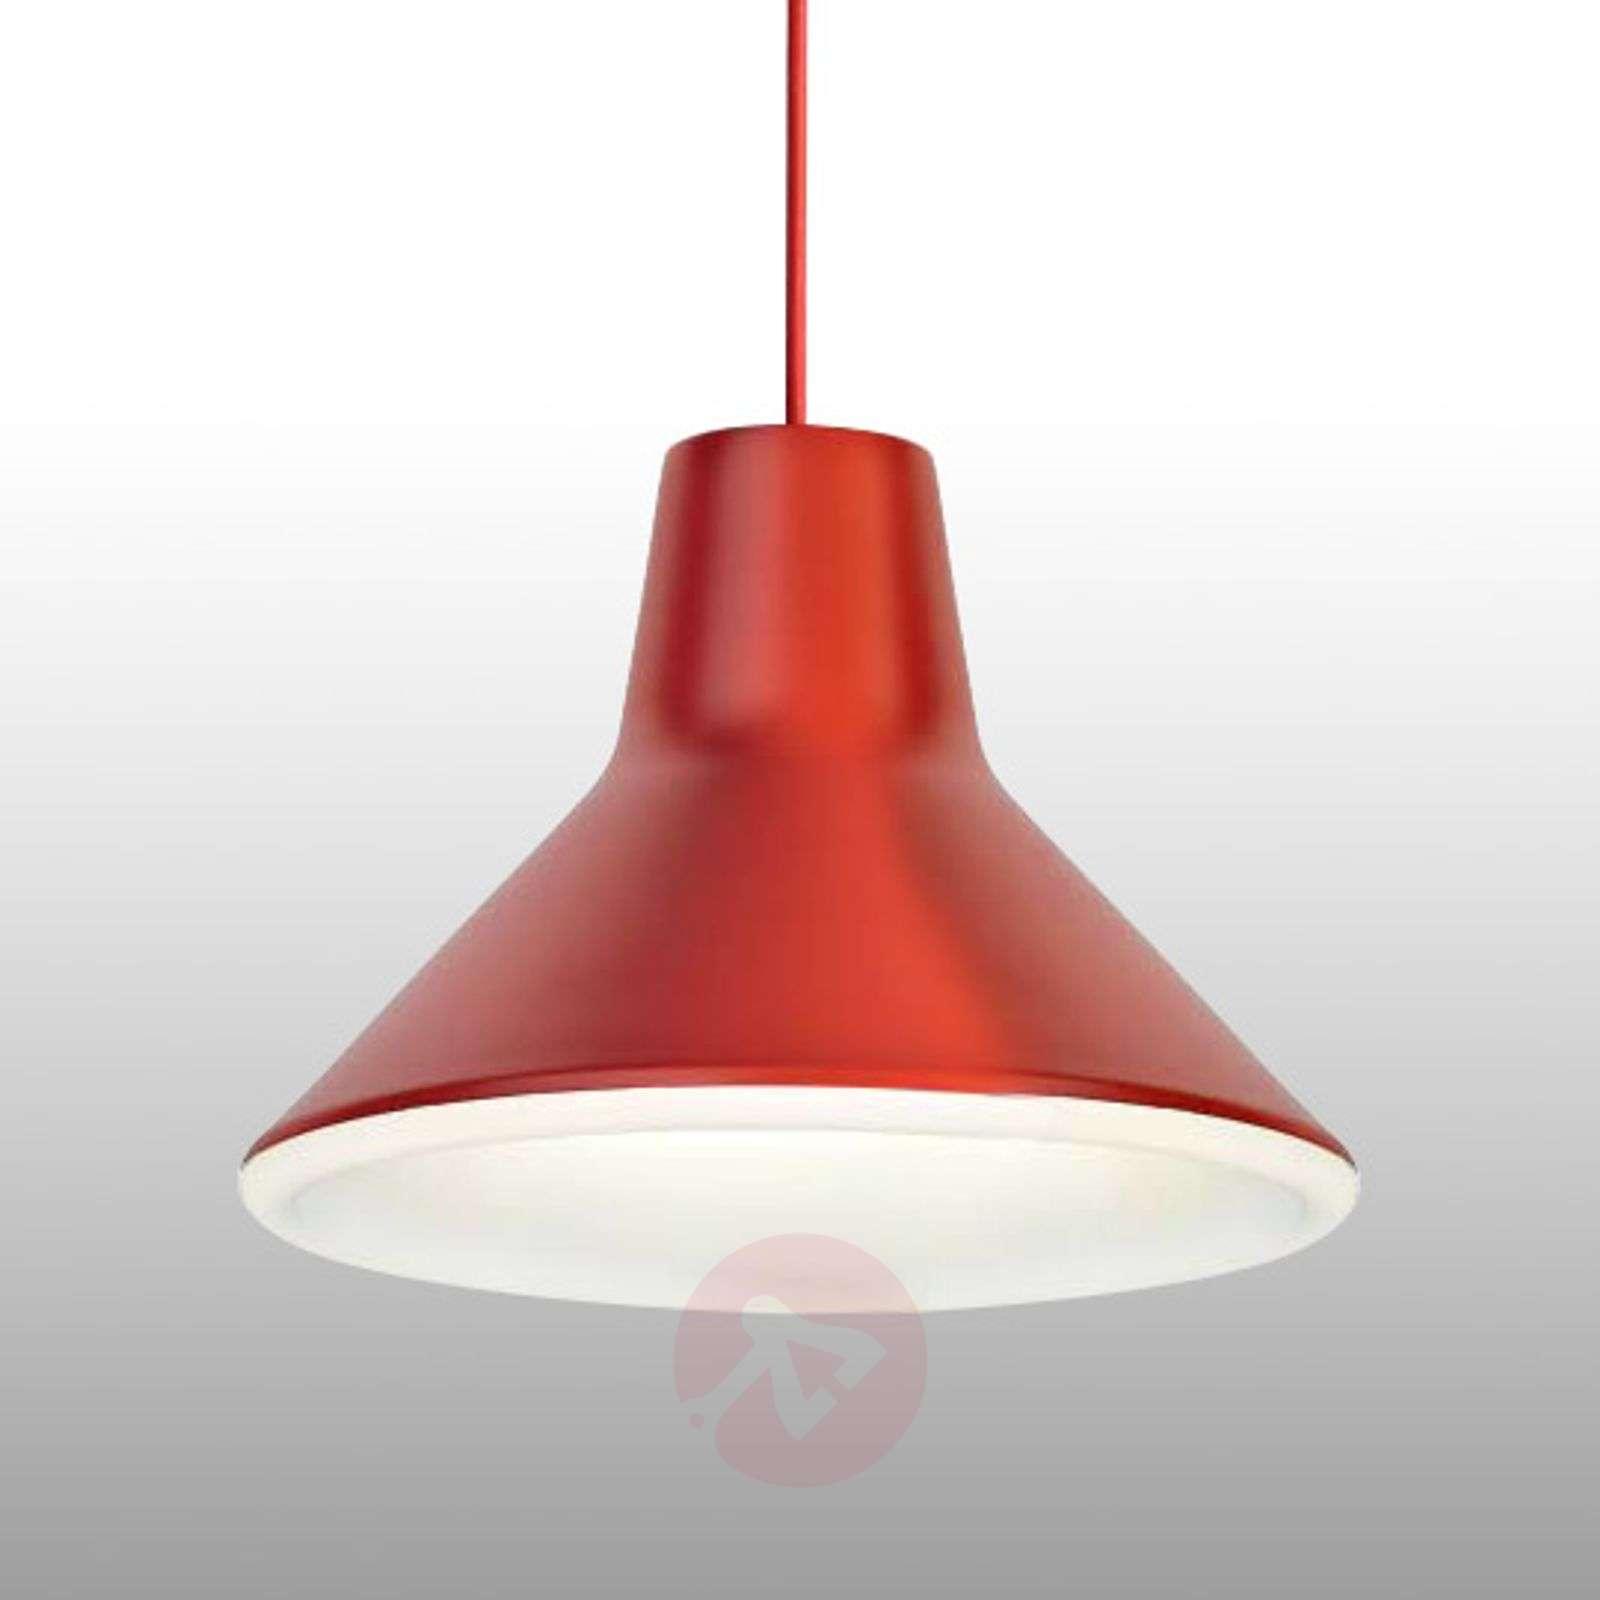 Punainen Archetype-design-riippuvalaisin, LED-6030027-01